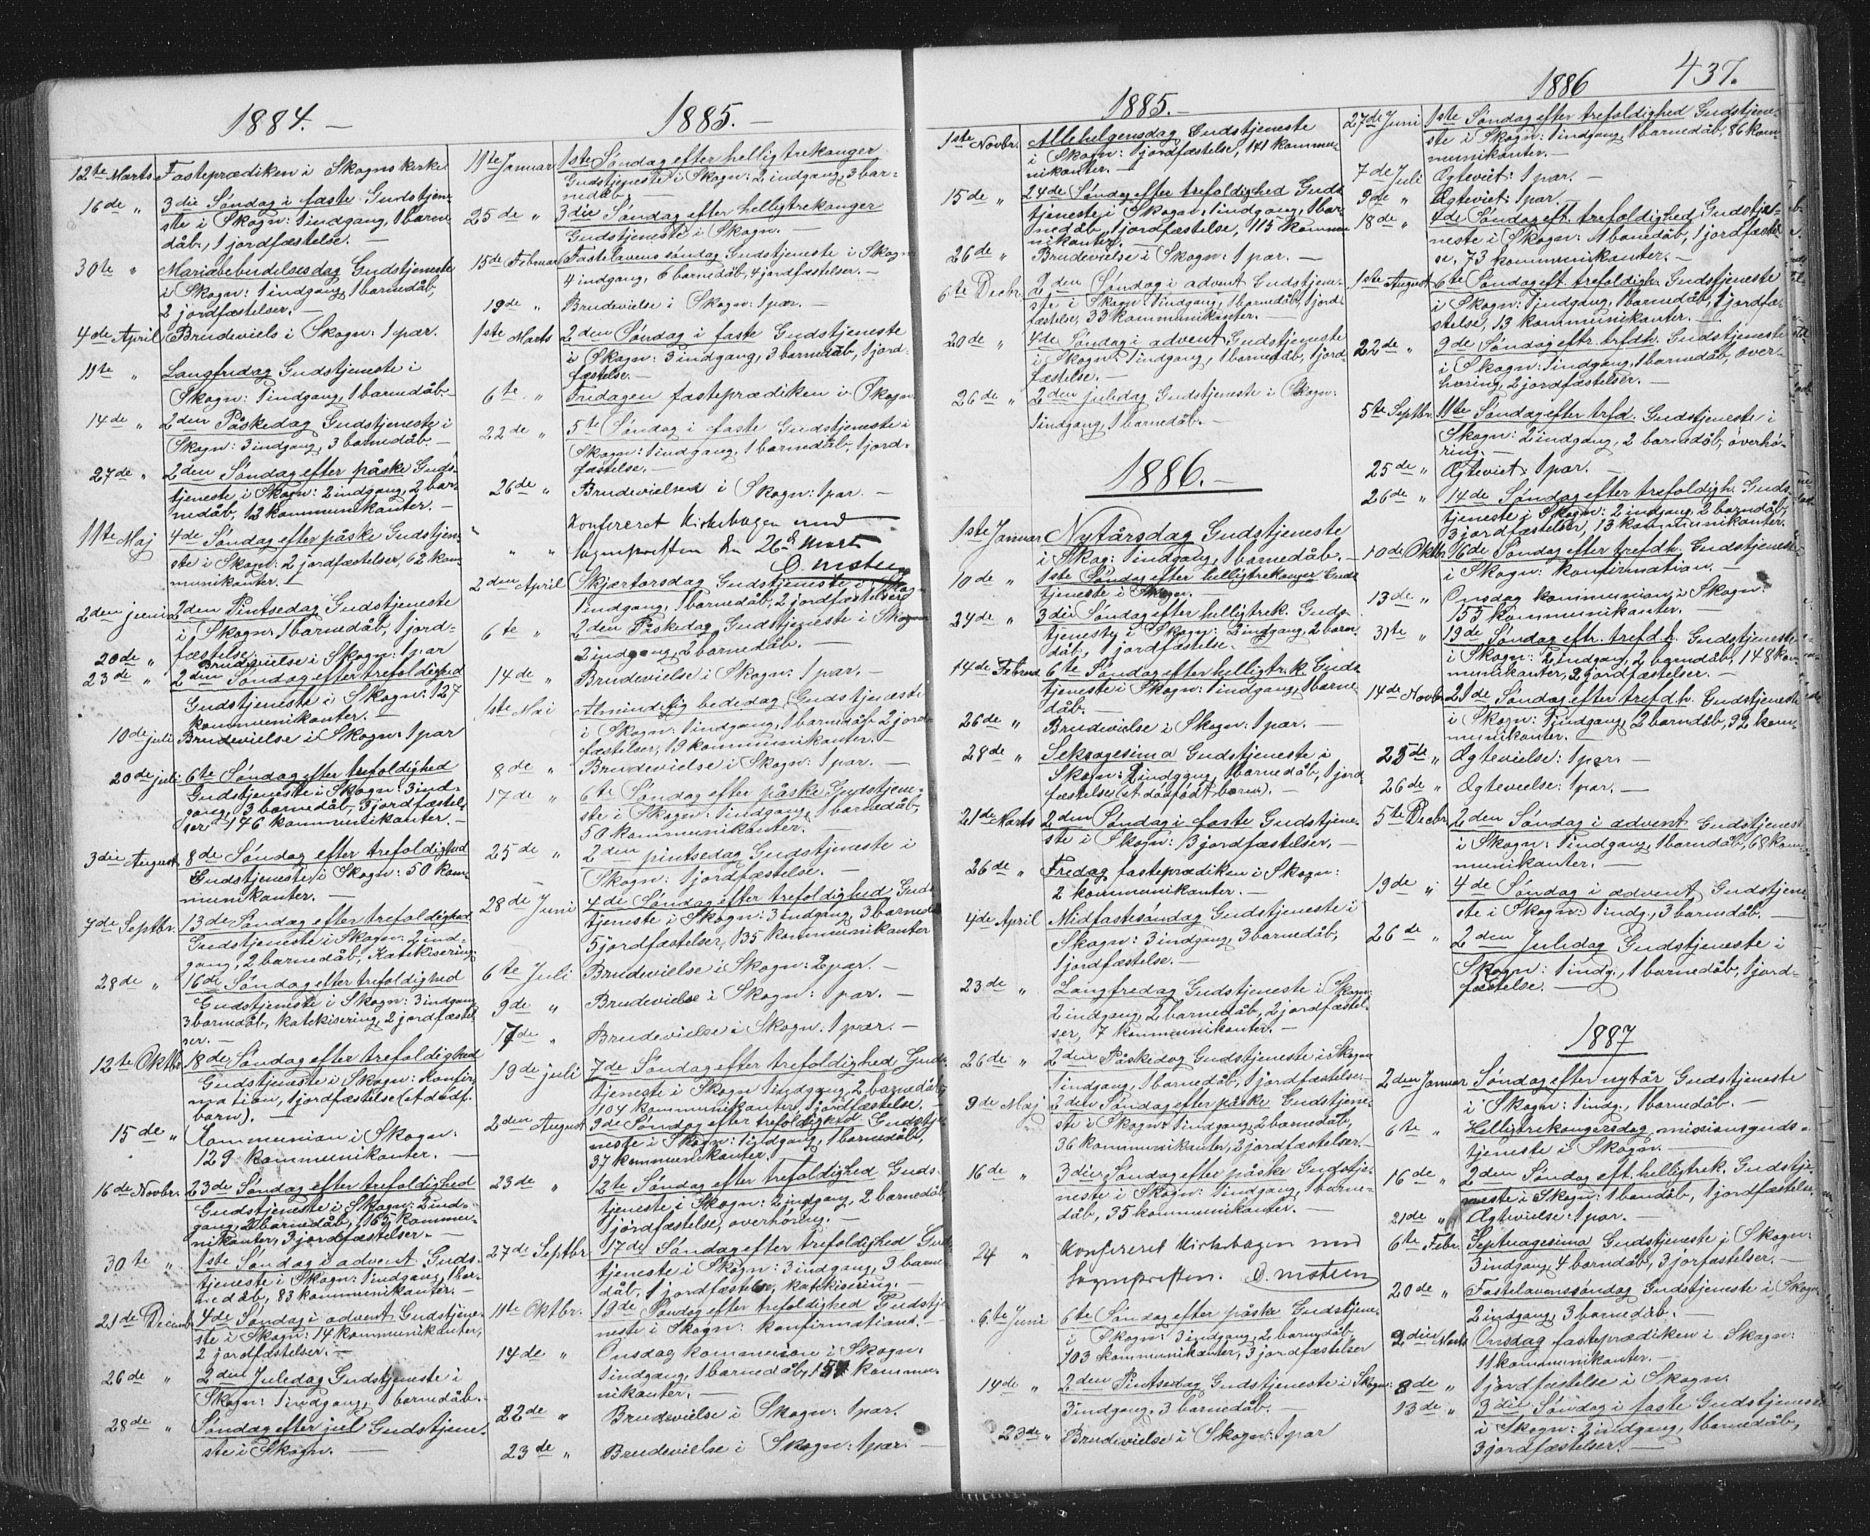 SAT, Ministerialprotokoller, klokkerbøker og fødselsregistre - Sør-Trøndelag, 667/L0798: Klokkerbok nr. 667C03, 1867-1929, s. 437